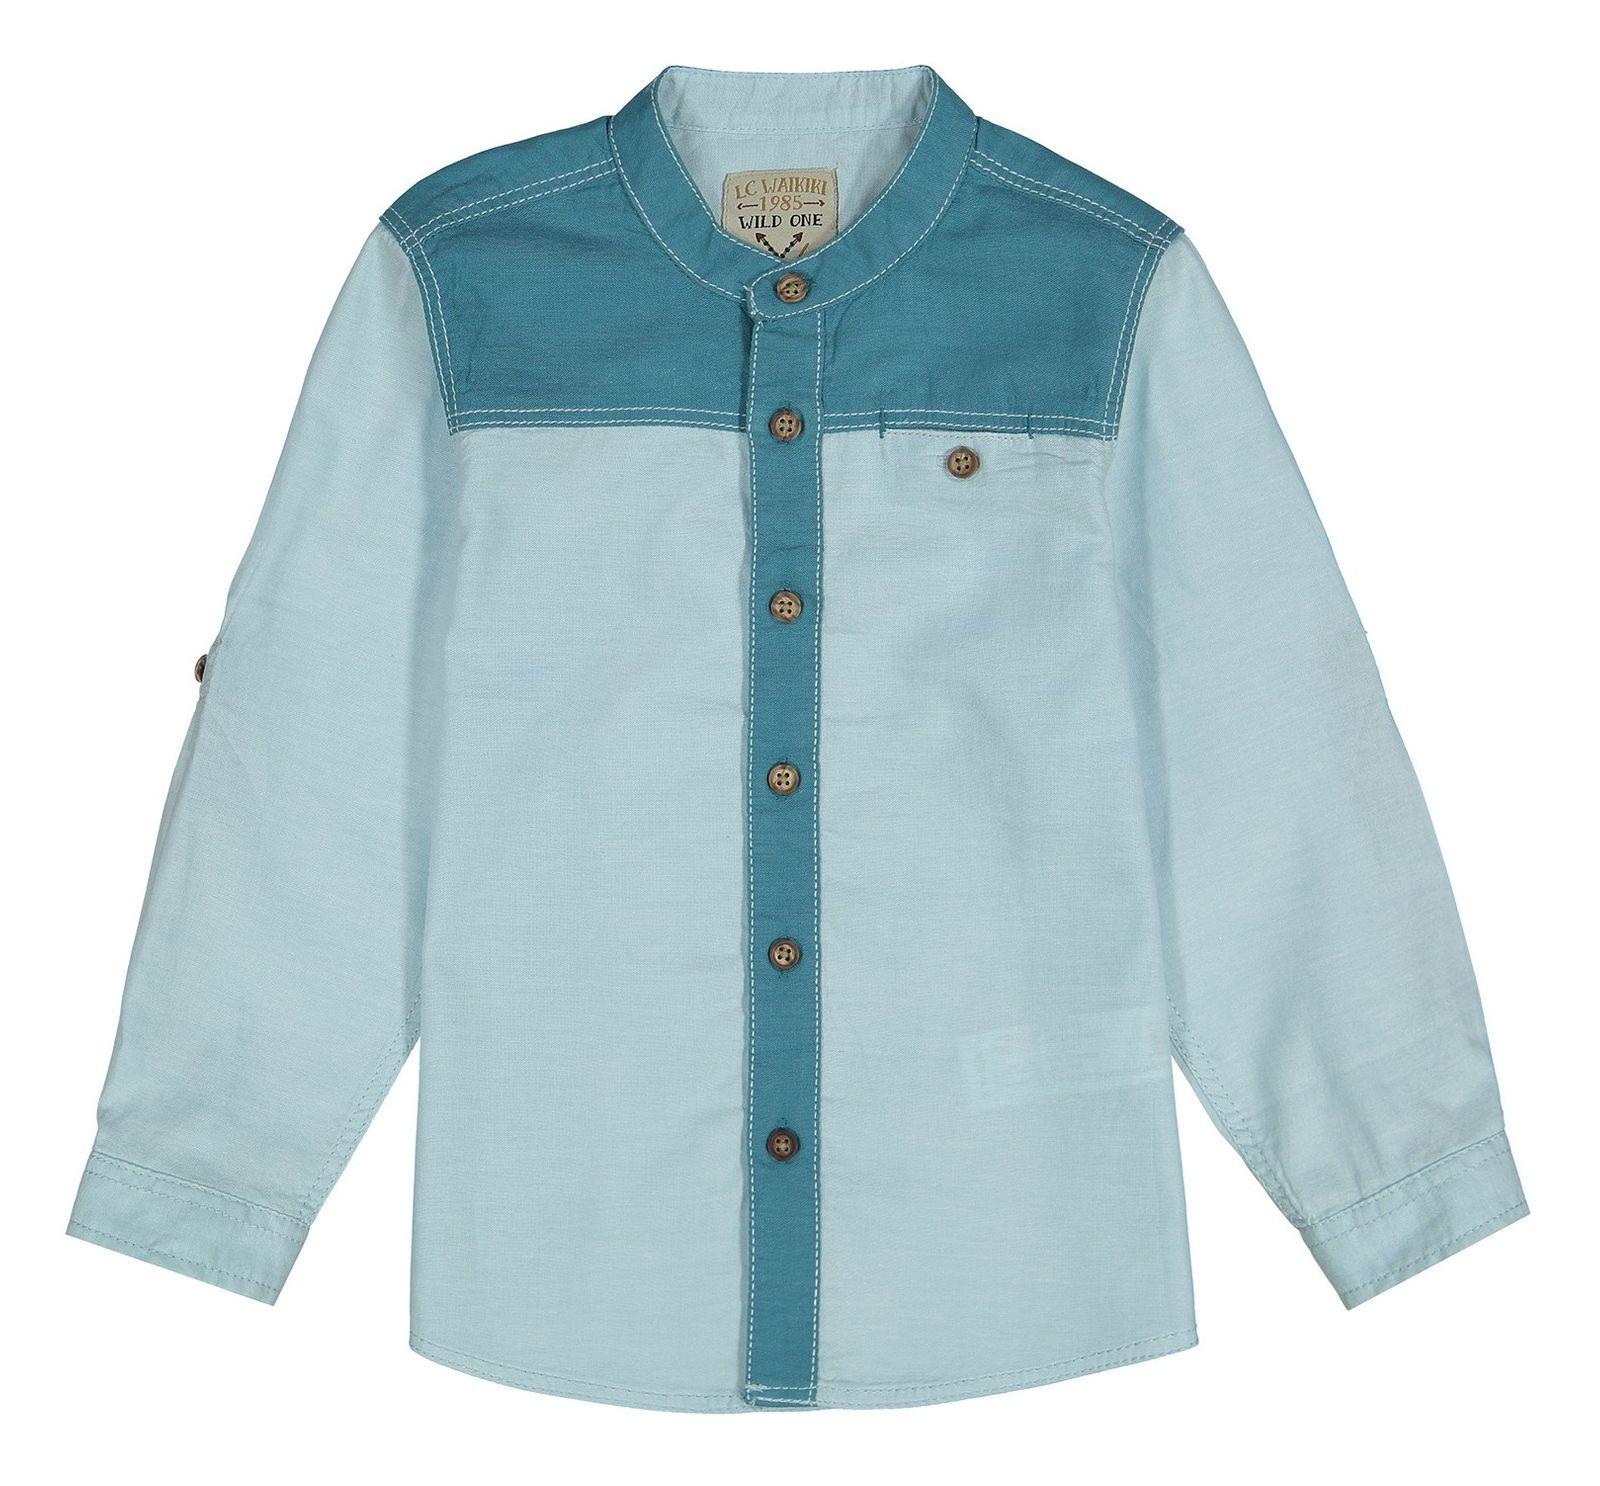 پیراهن نخی آستین بلند پسرانه - ال سی وایکیکی - سبز آبي روشن - 1